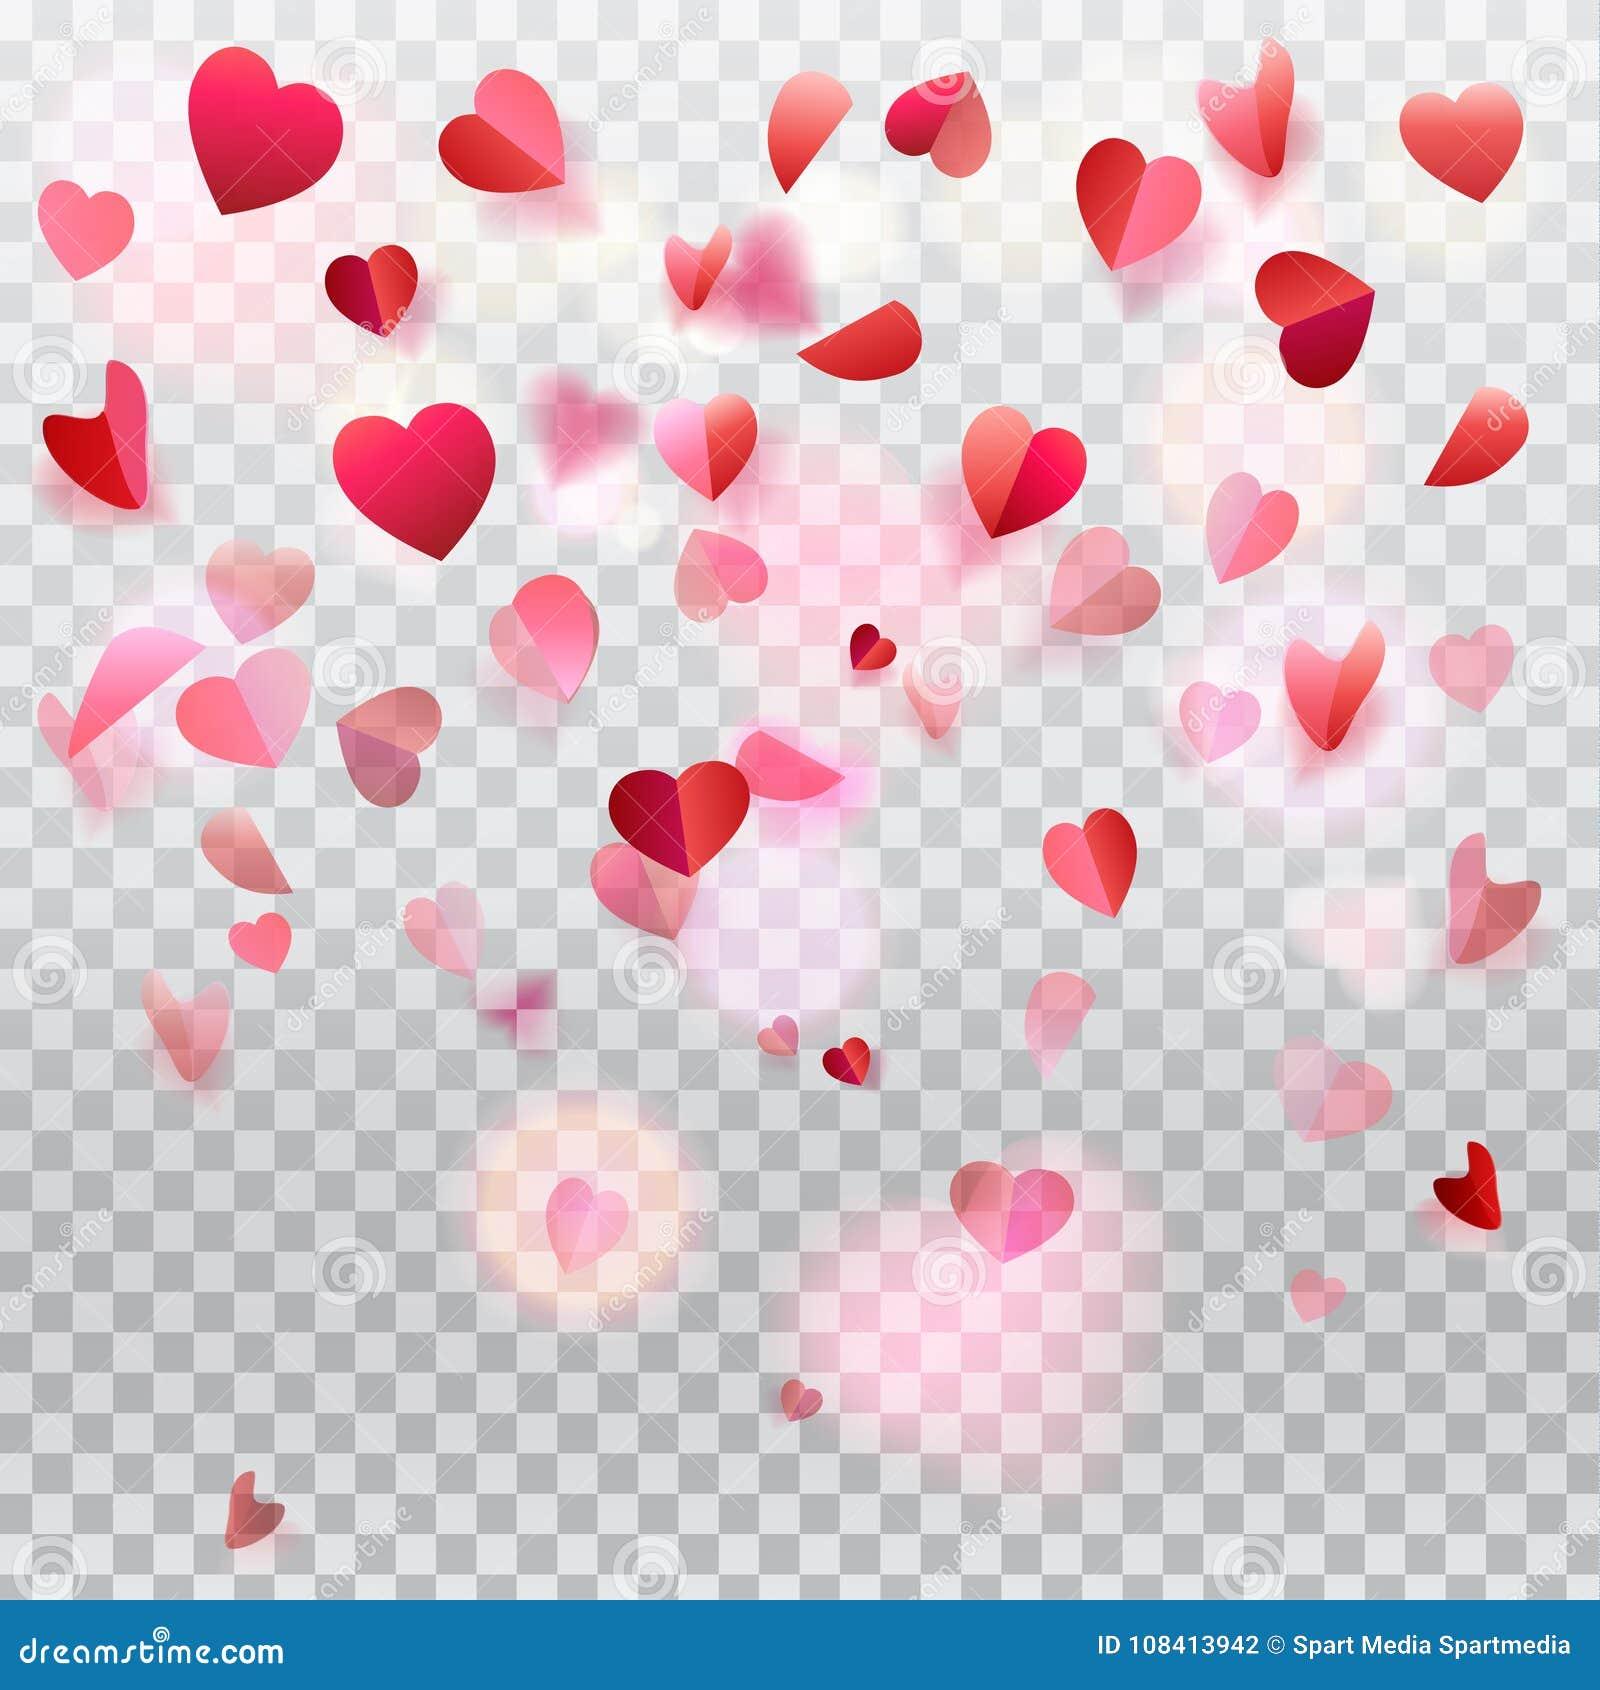 Pétalas cor-de-rosa dos confetes dos corações que voam o romance transparente